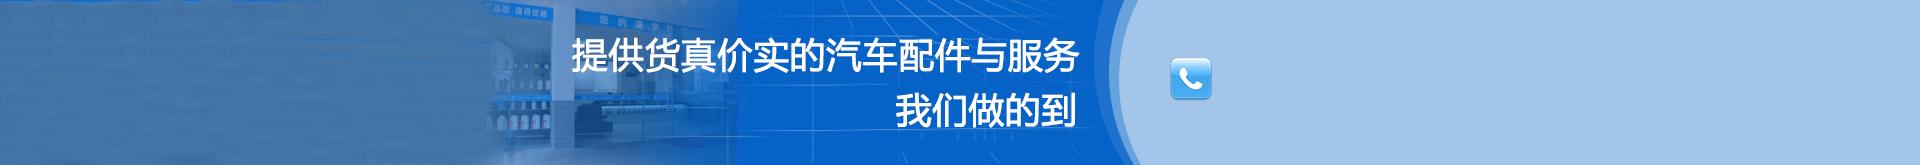 台州灯光升级